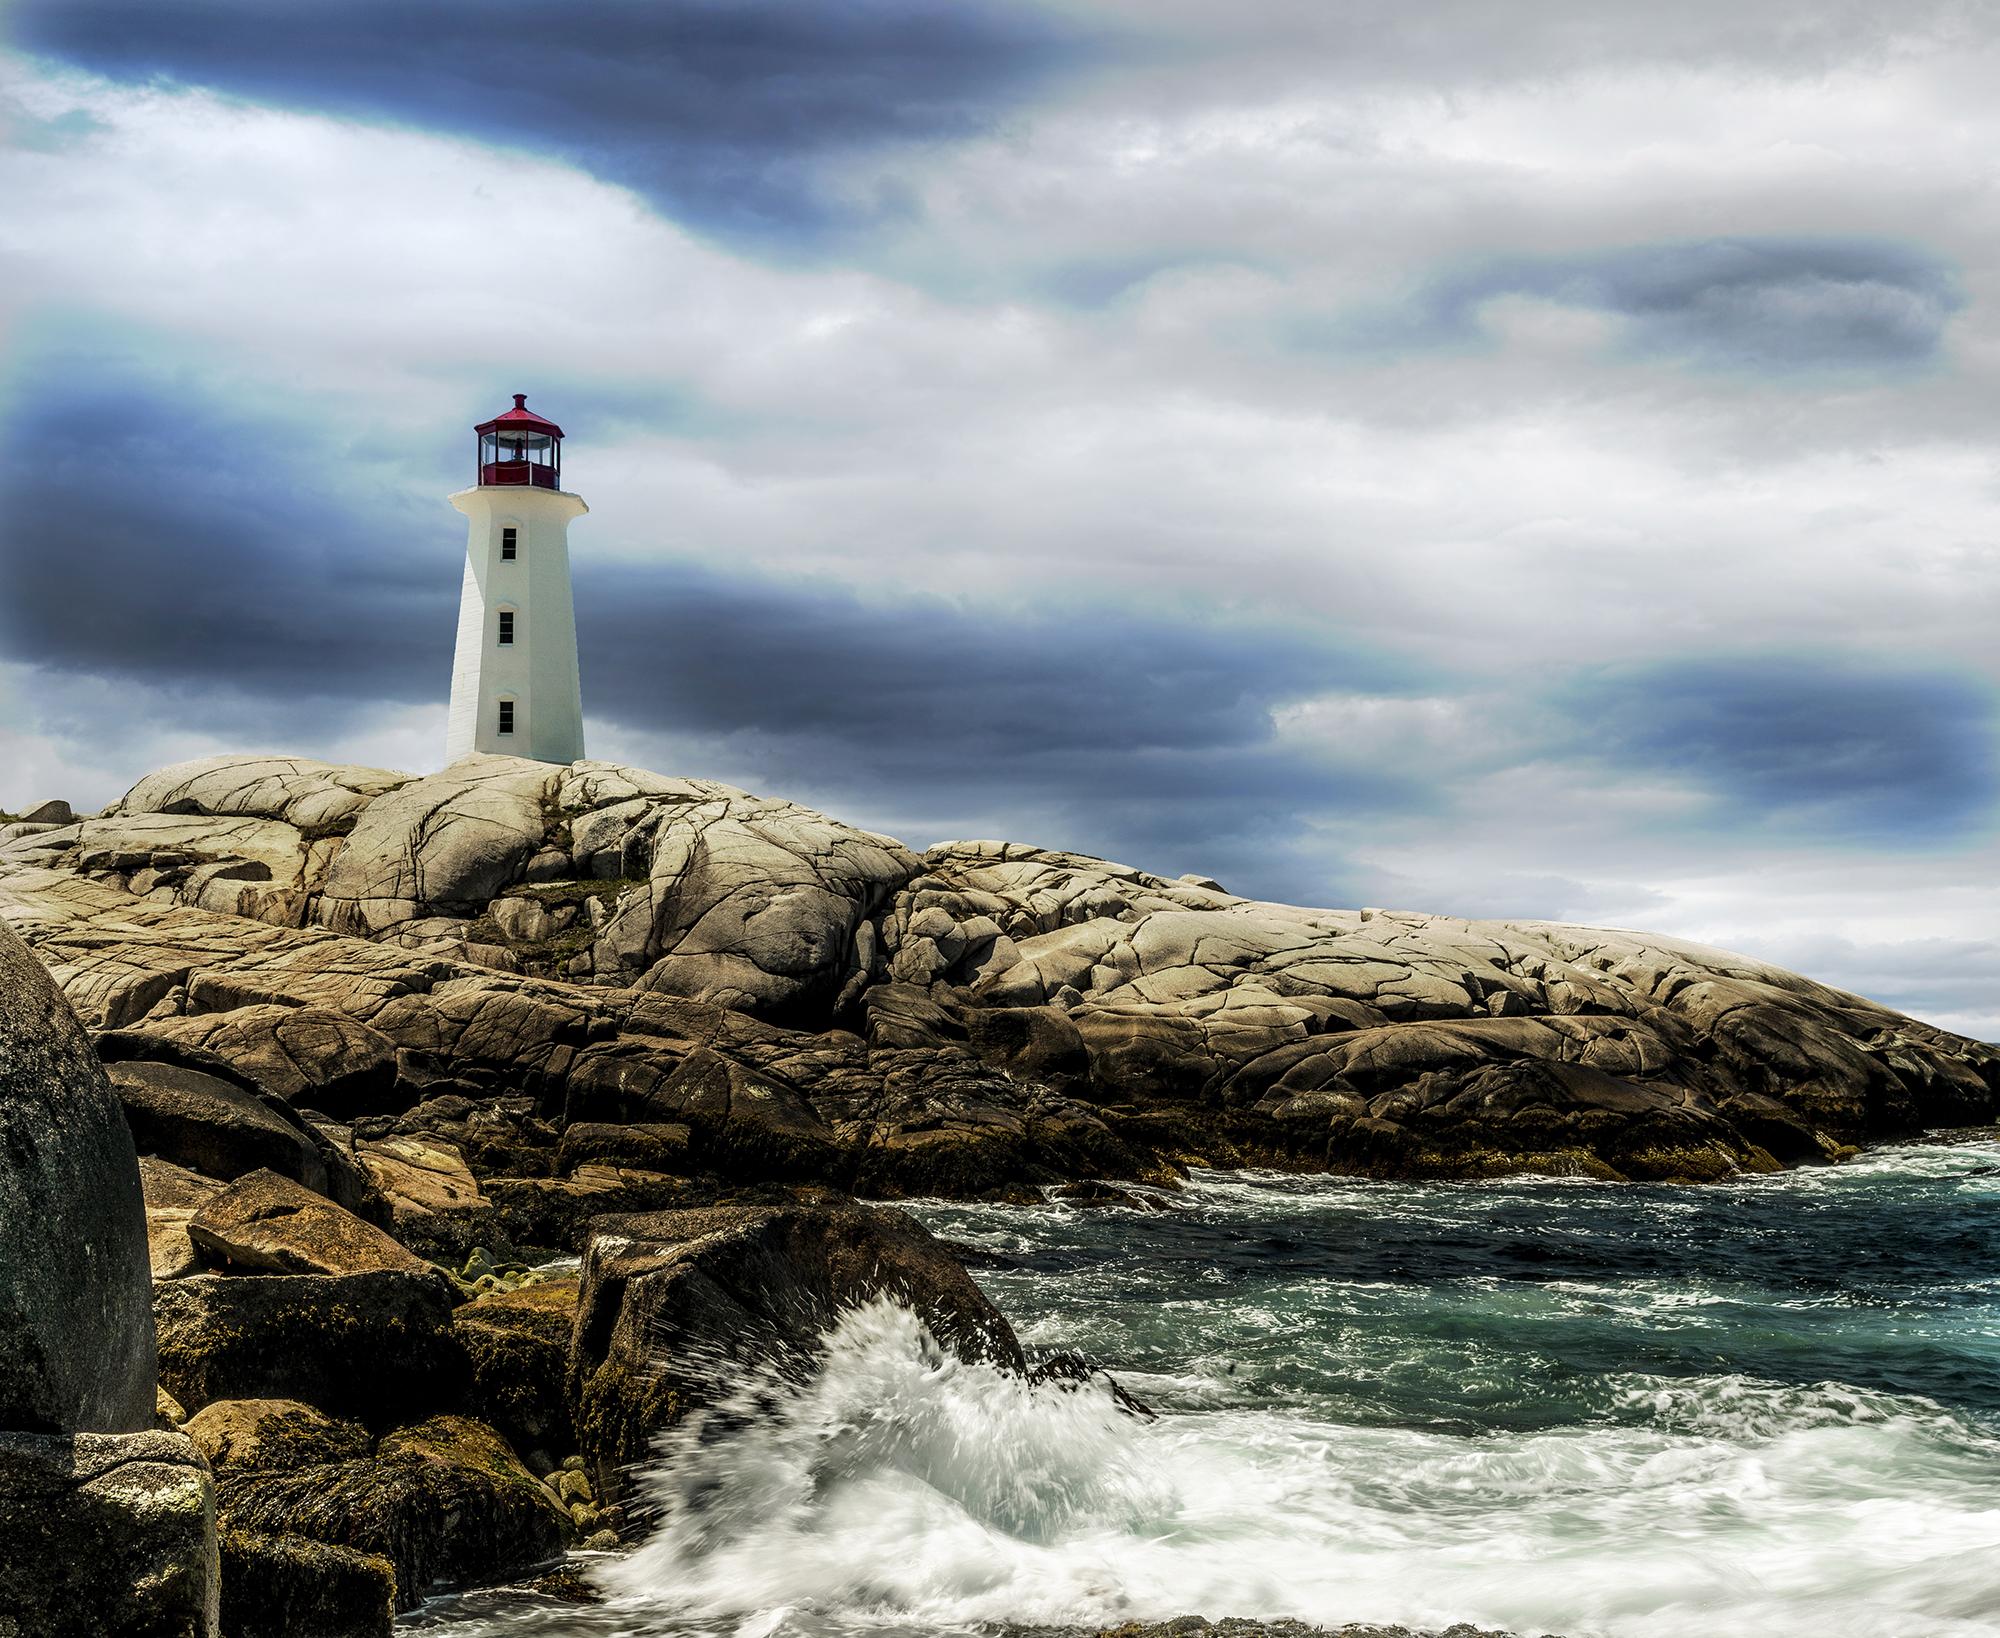 Peggy's Cove in Nova Scotia, Canada.